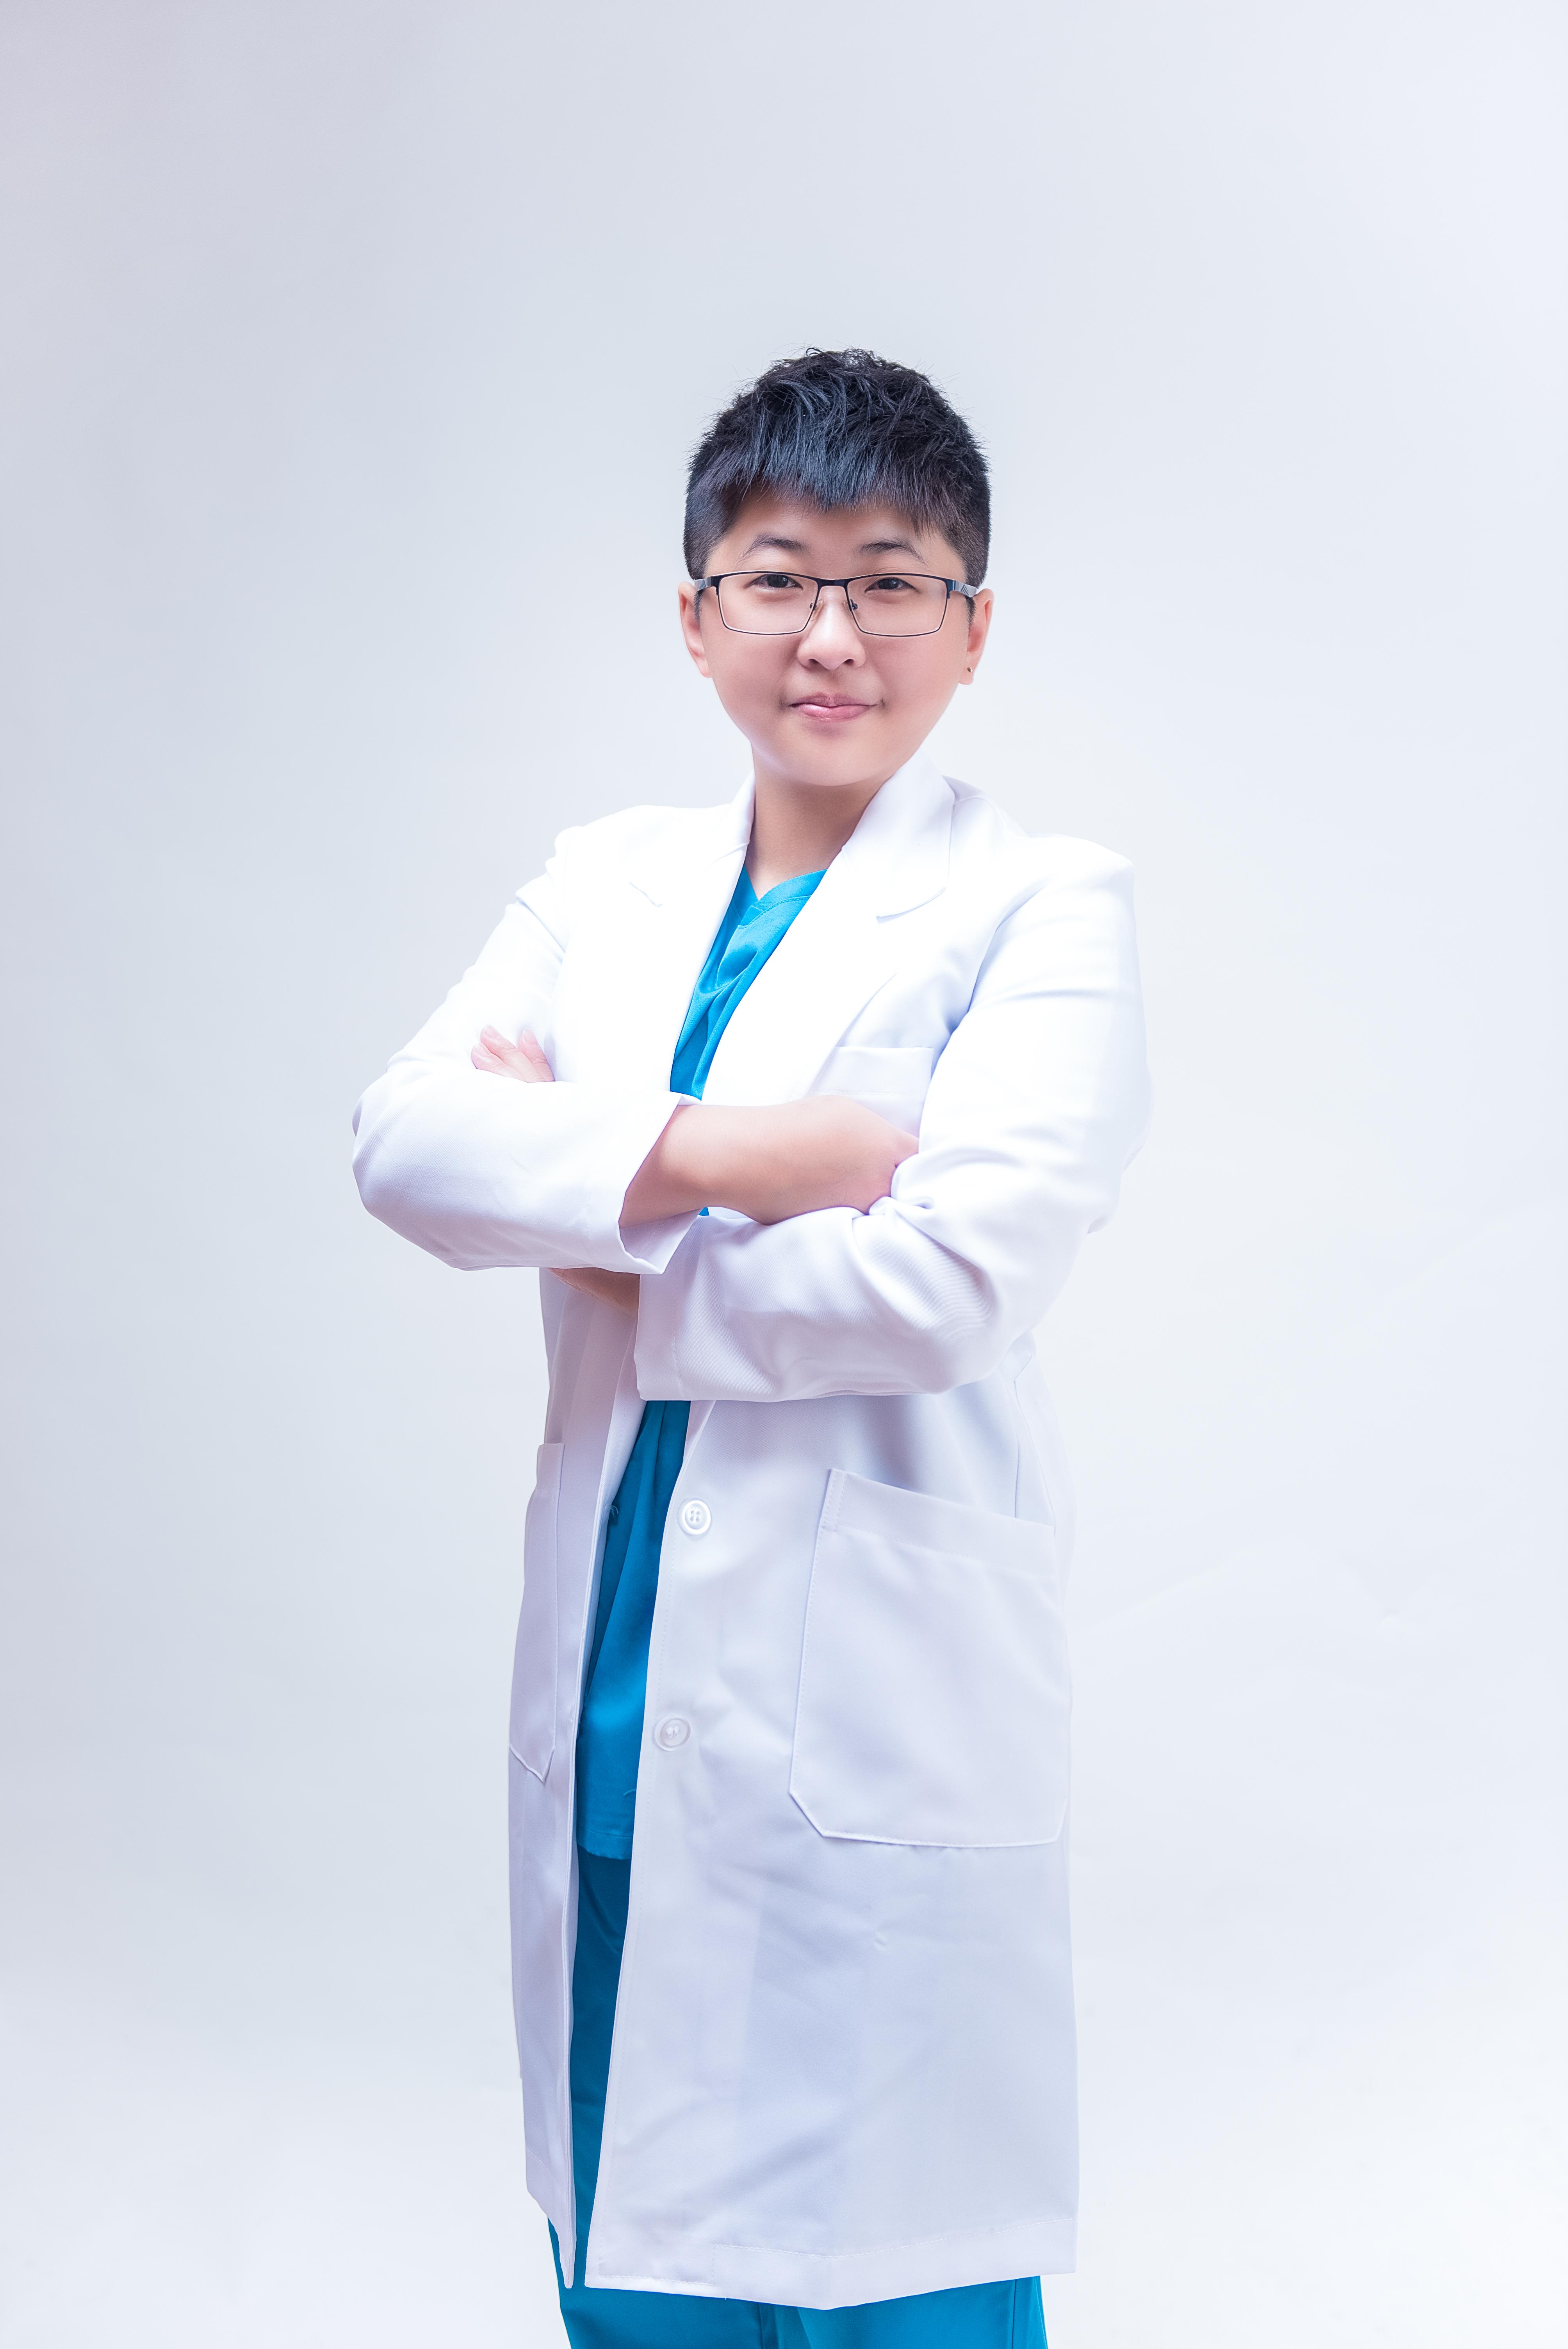 年輕醫師個人形象照